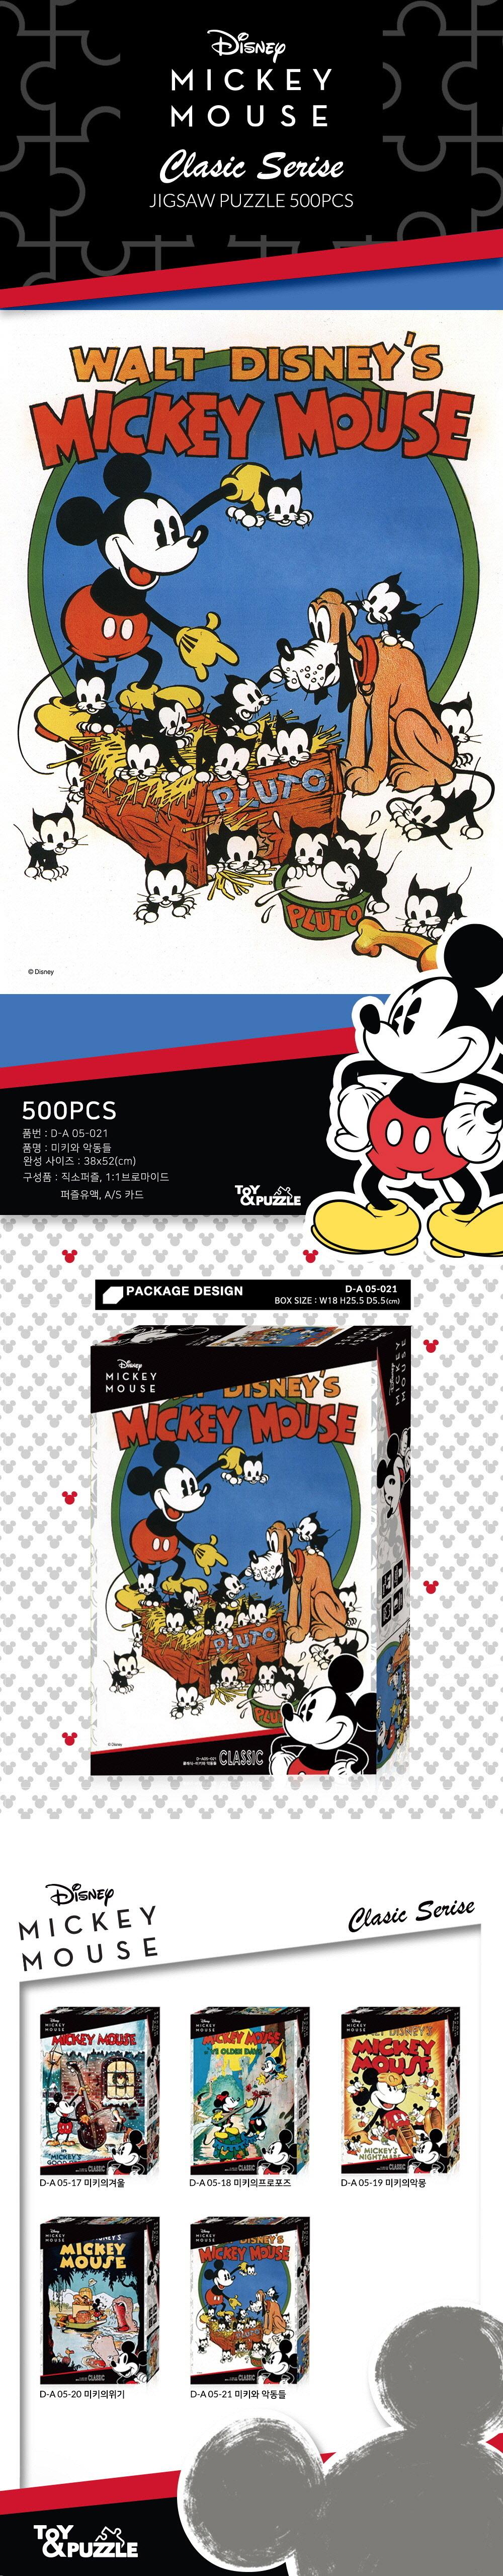 직소퍼즐 500조각 미키와 악동들 DA05-021 - 퍼즐카페, 15,000원, 조각/퍼즐, 캐릭터 직소퍼즐